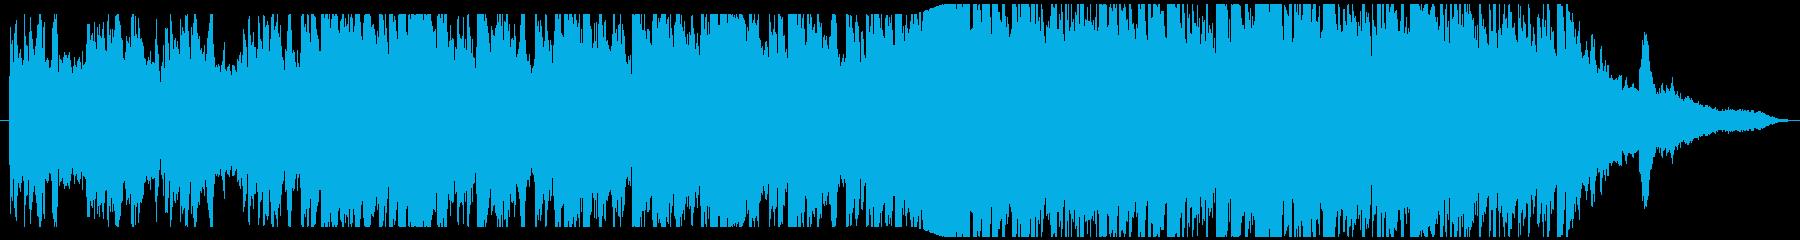 静寂の世界を表現したピアノバラードBGMの再生済みの波形